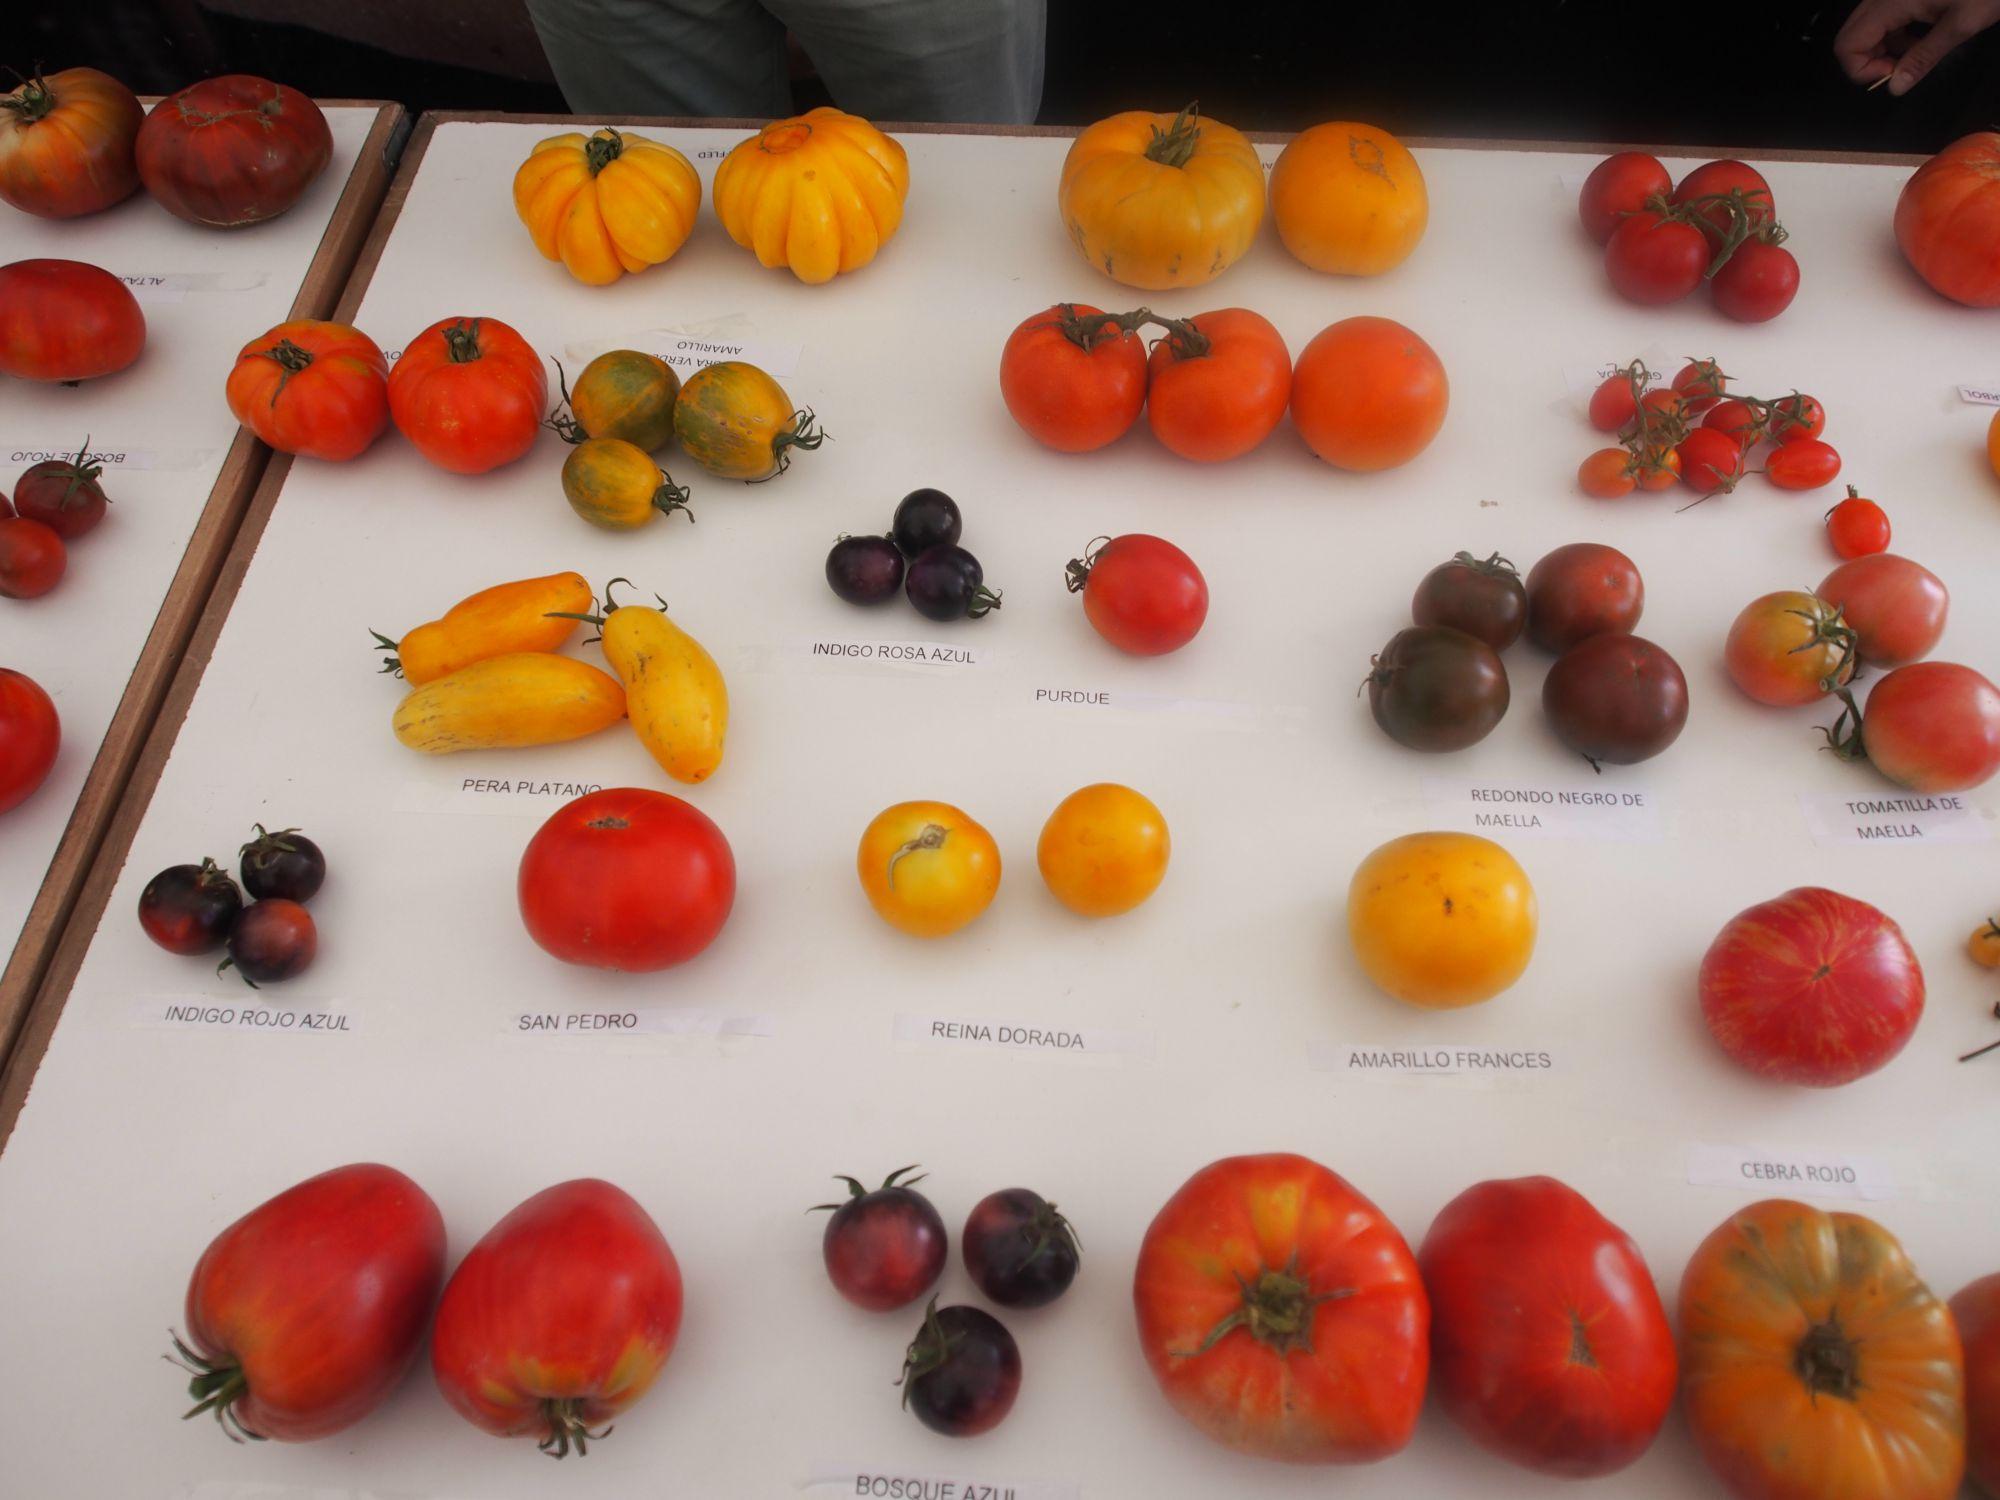 Colección de tomates de Carlos Gil